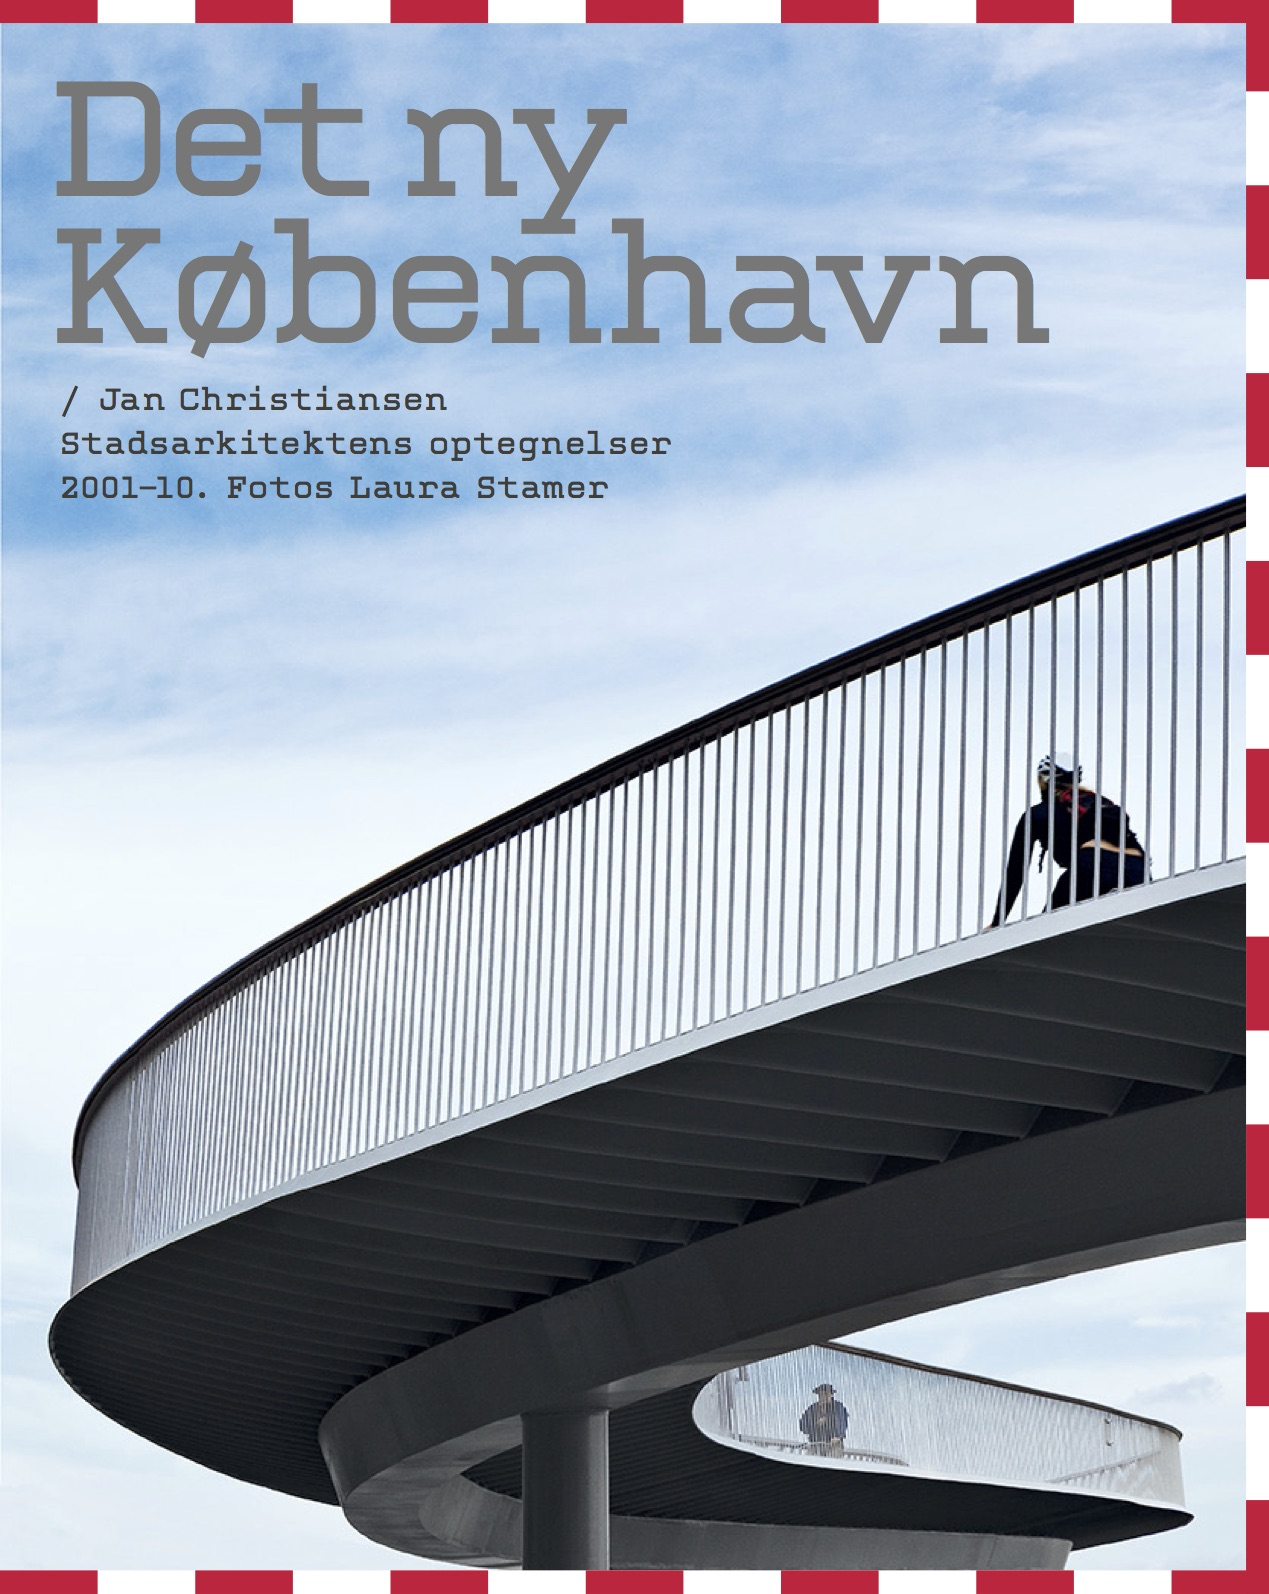 Det ny København